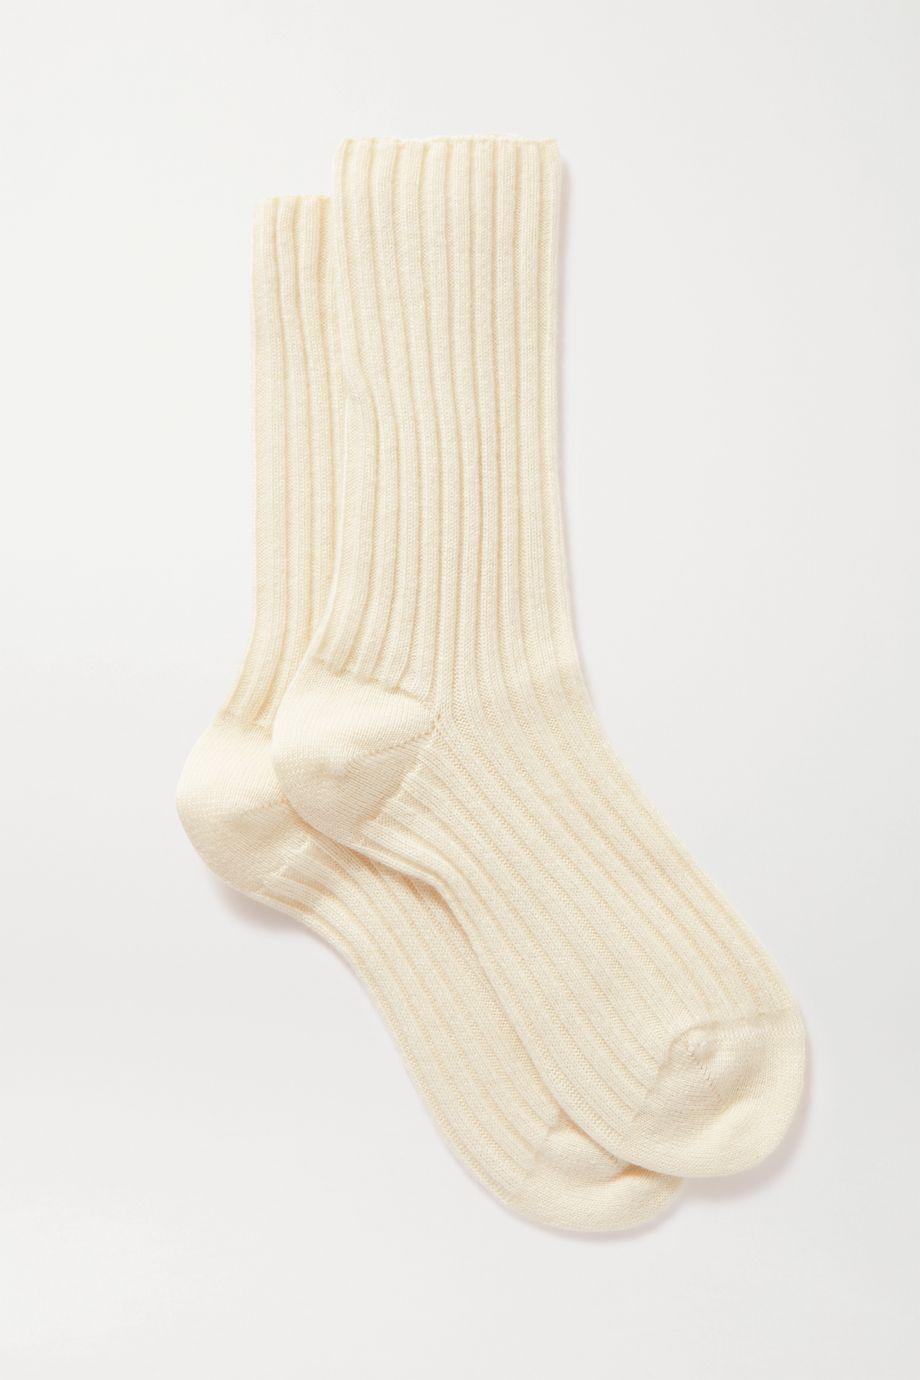 Maria La Rosa 罗纹羊绒袜